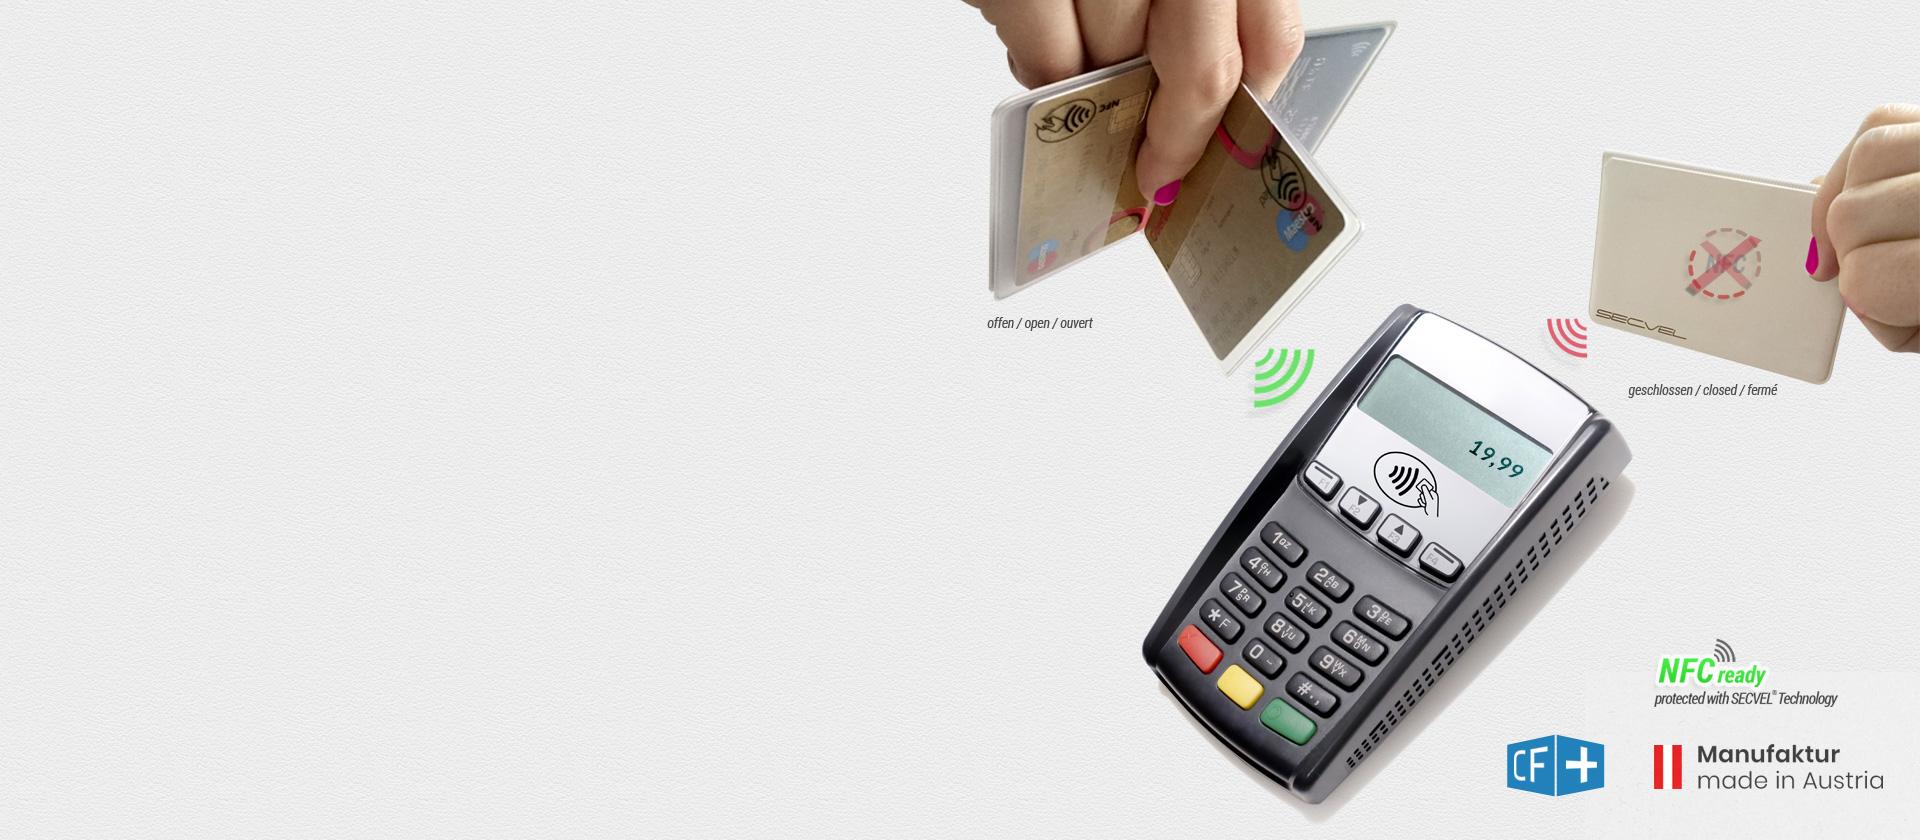 Kartenschutztasche CF+